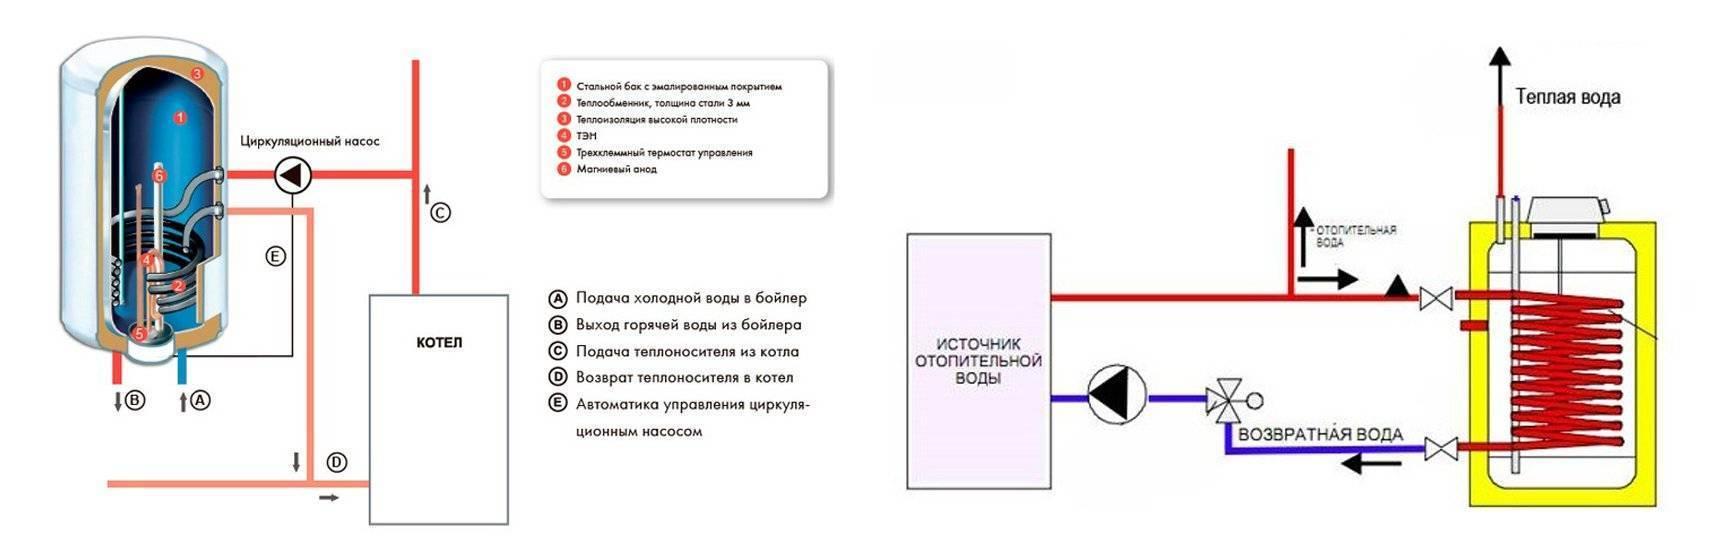 Обвязка котла и бойлера косвенного нагрева с рециркуляцией